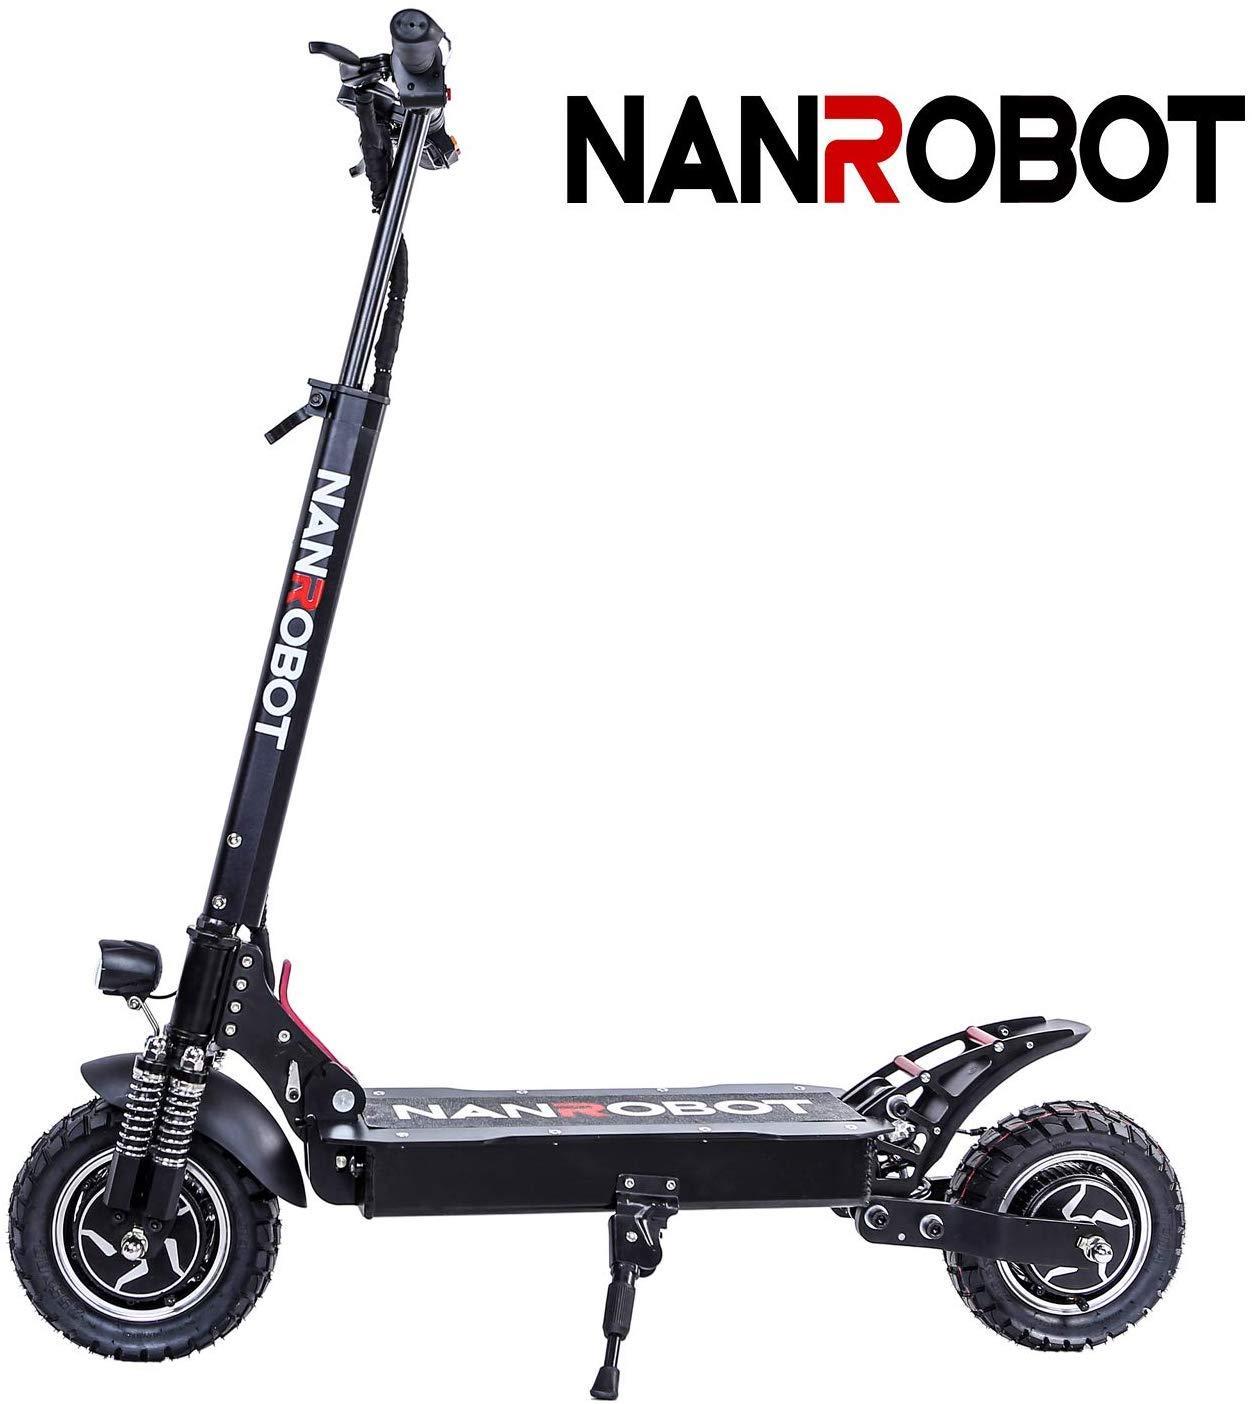 trottinette électrique puissante tout terrain de NanRobot